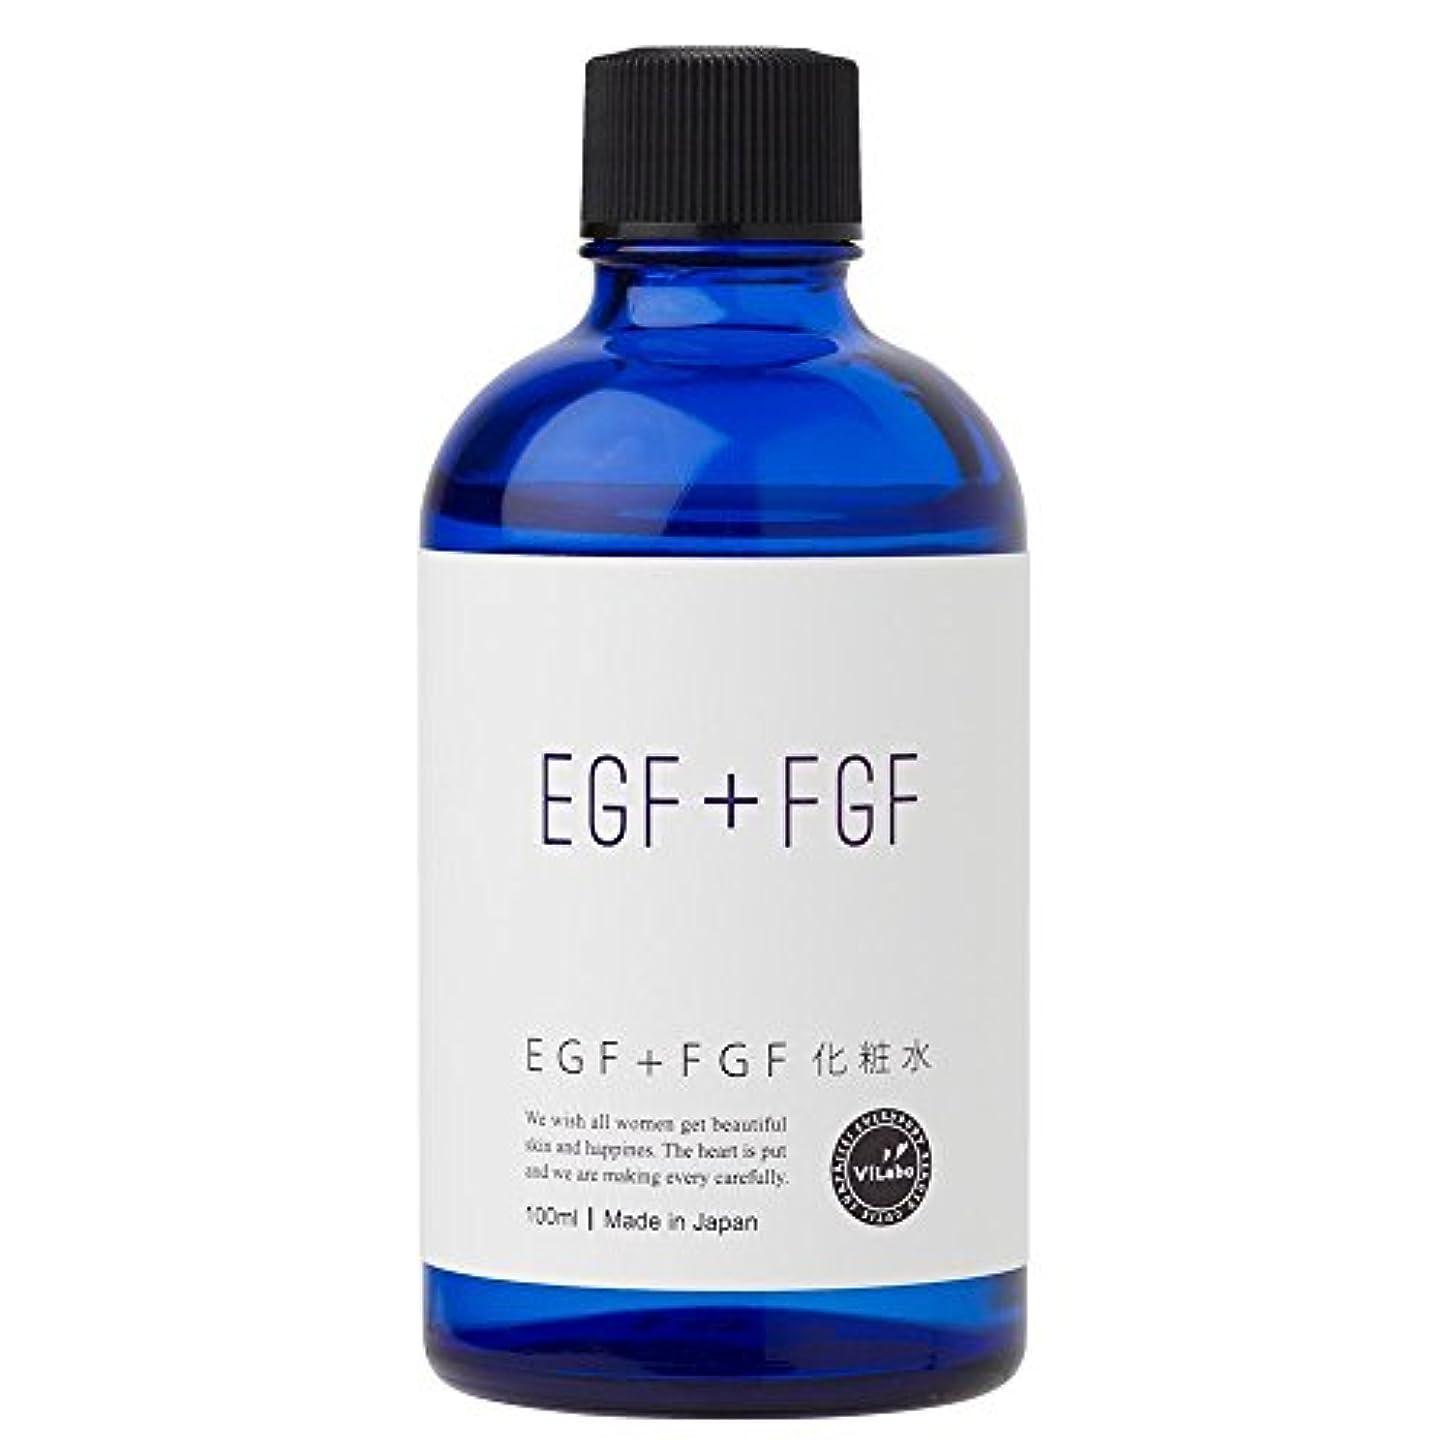 常に電気的プーノEGF+FGF化粧水-天然温泉水+高級美容成分の浸透型化粧水-品名:ハッピーローションEF ノンパラベン、アルコール、フェノキシエタノール、石油系合成界面活性剤無添加 (ボトルタイプ100ml)